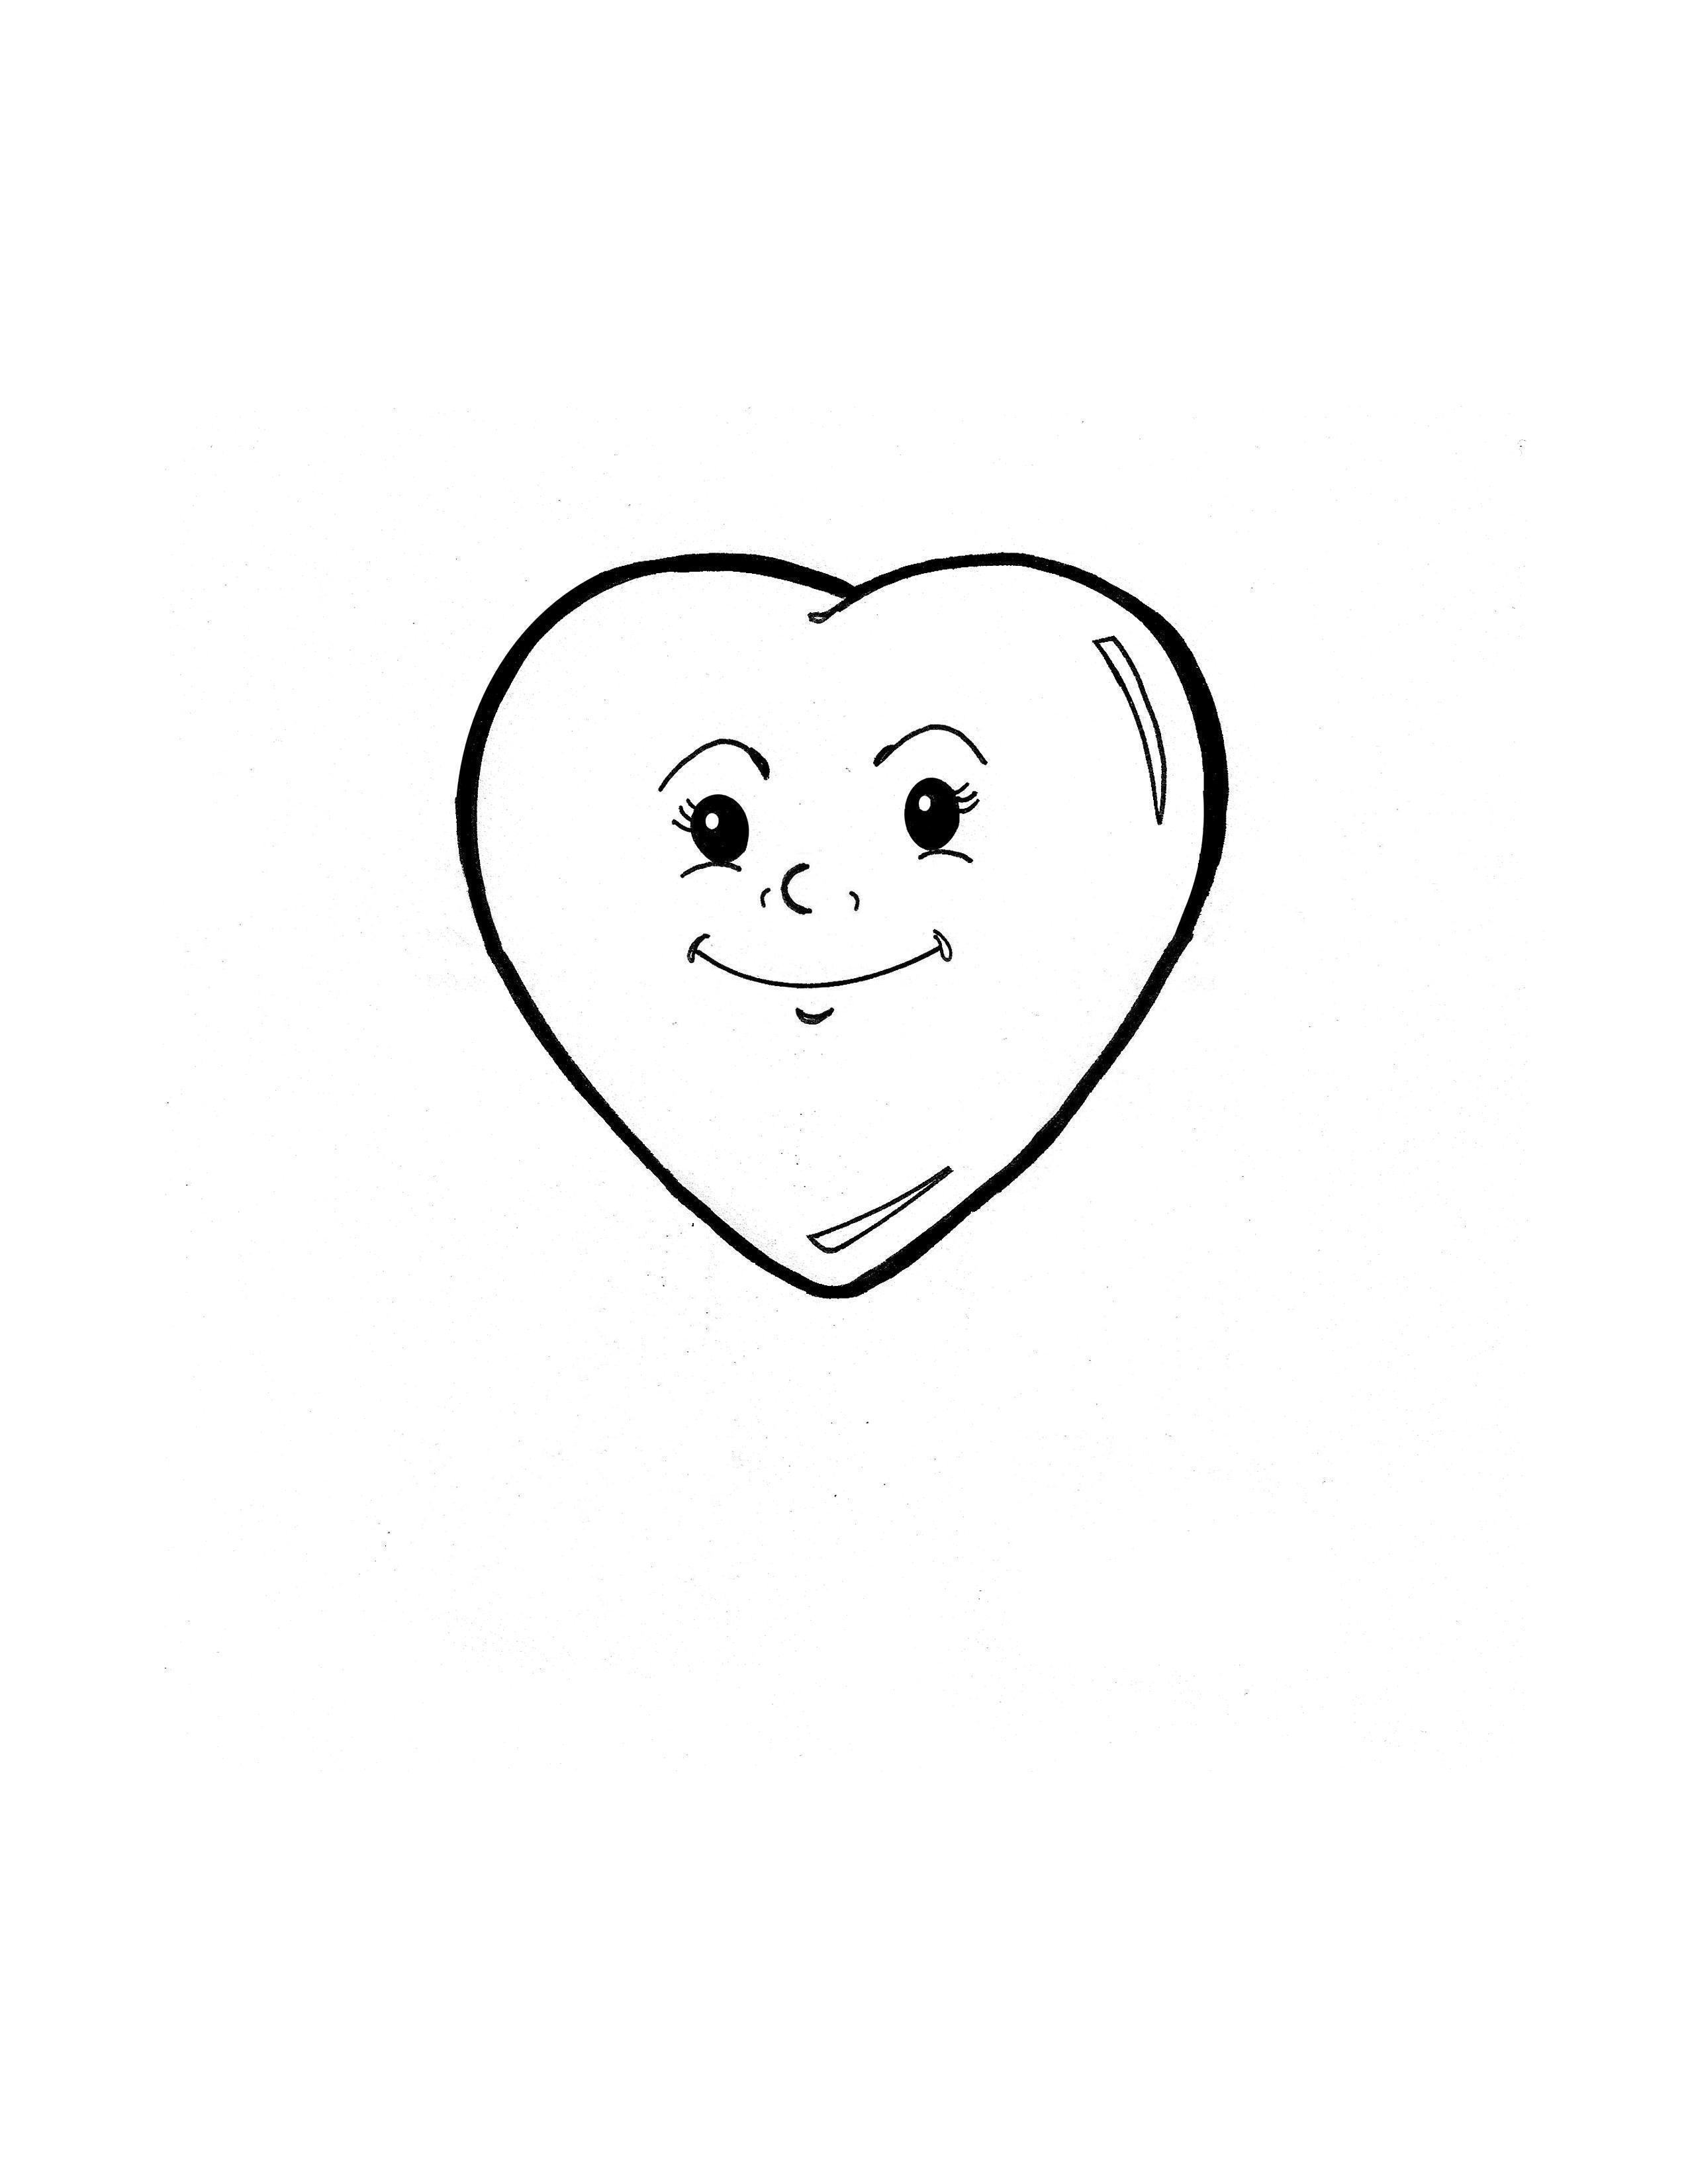 Happyheartg biocorpaavc